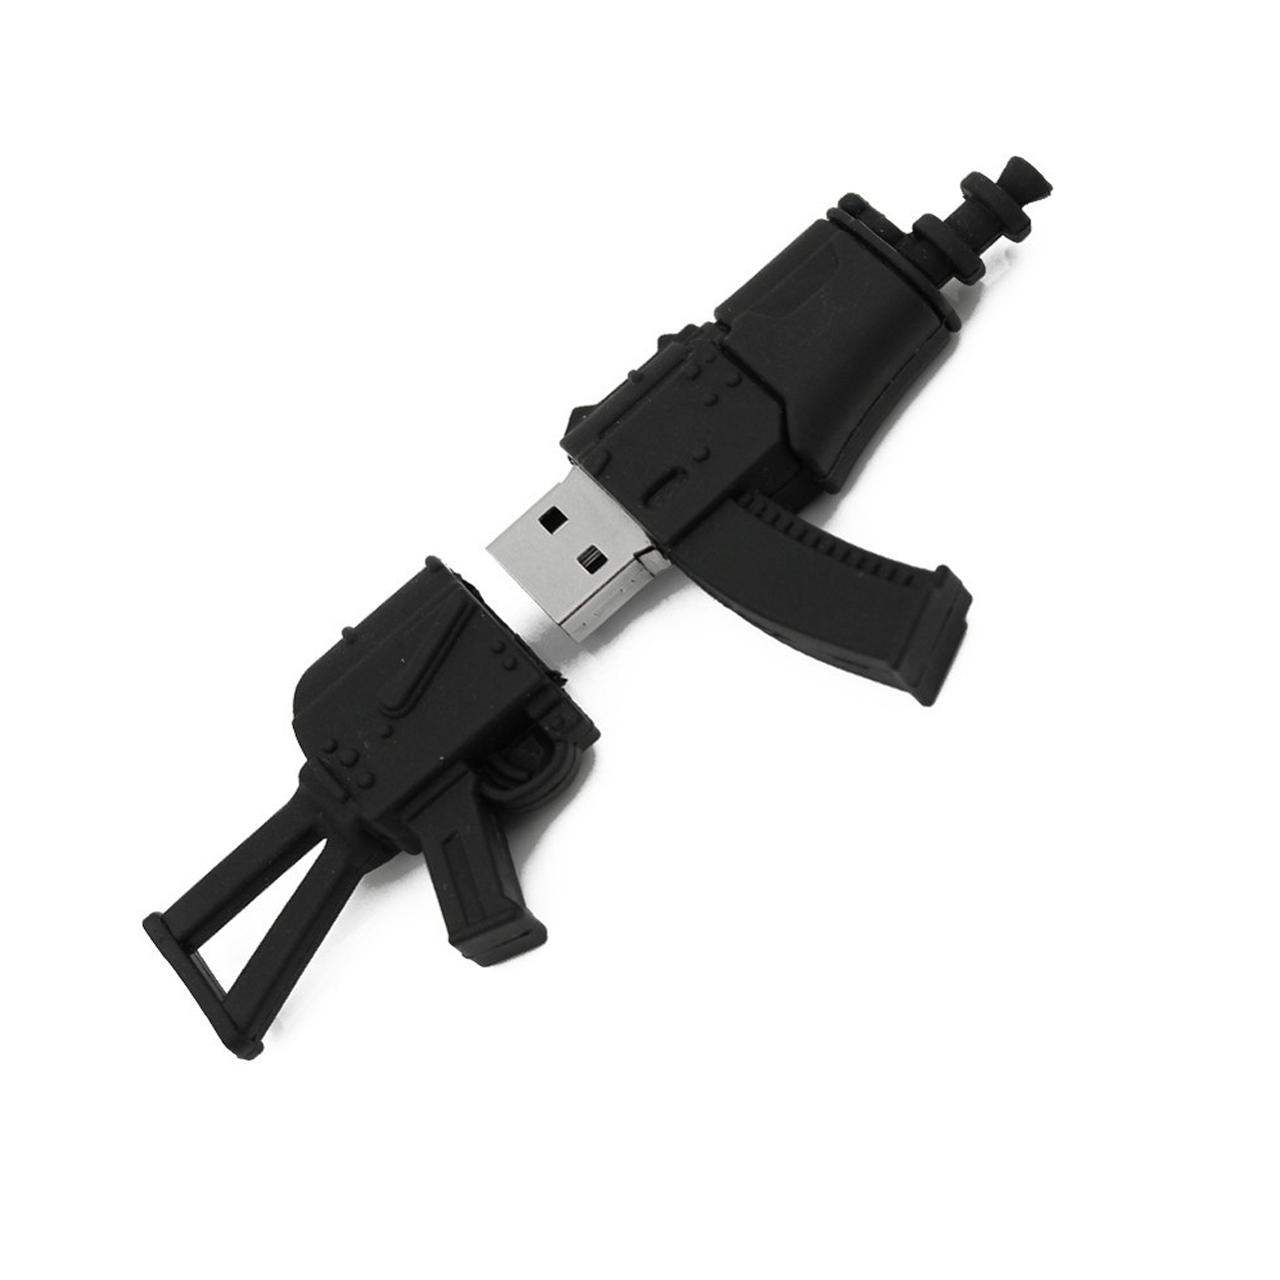 بررسی و {خرید با تخفیف}                                     فلش مموری طرح اسلحه مدل UL-Weapons01 ظرفیت 64 گیگابایت                             اصل